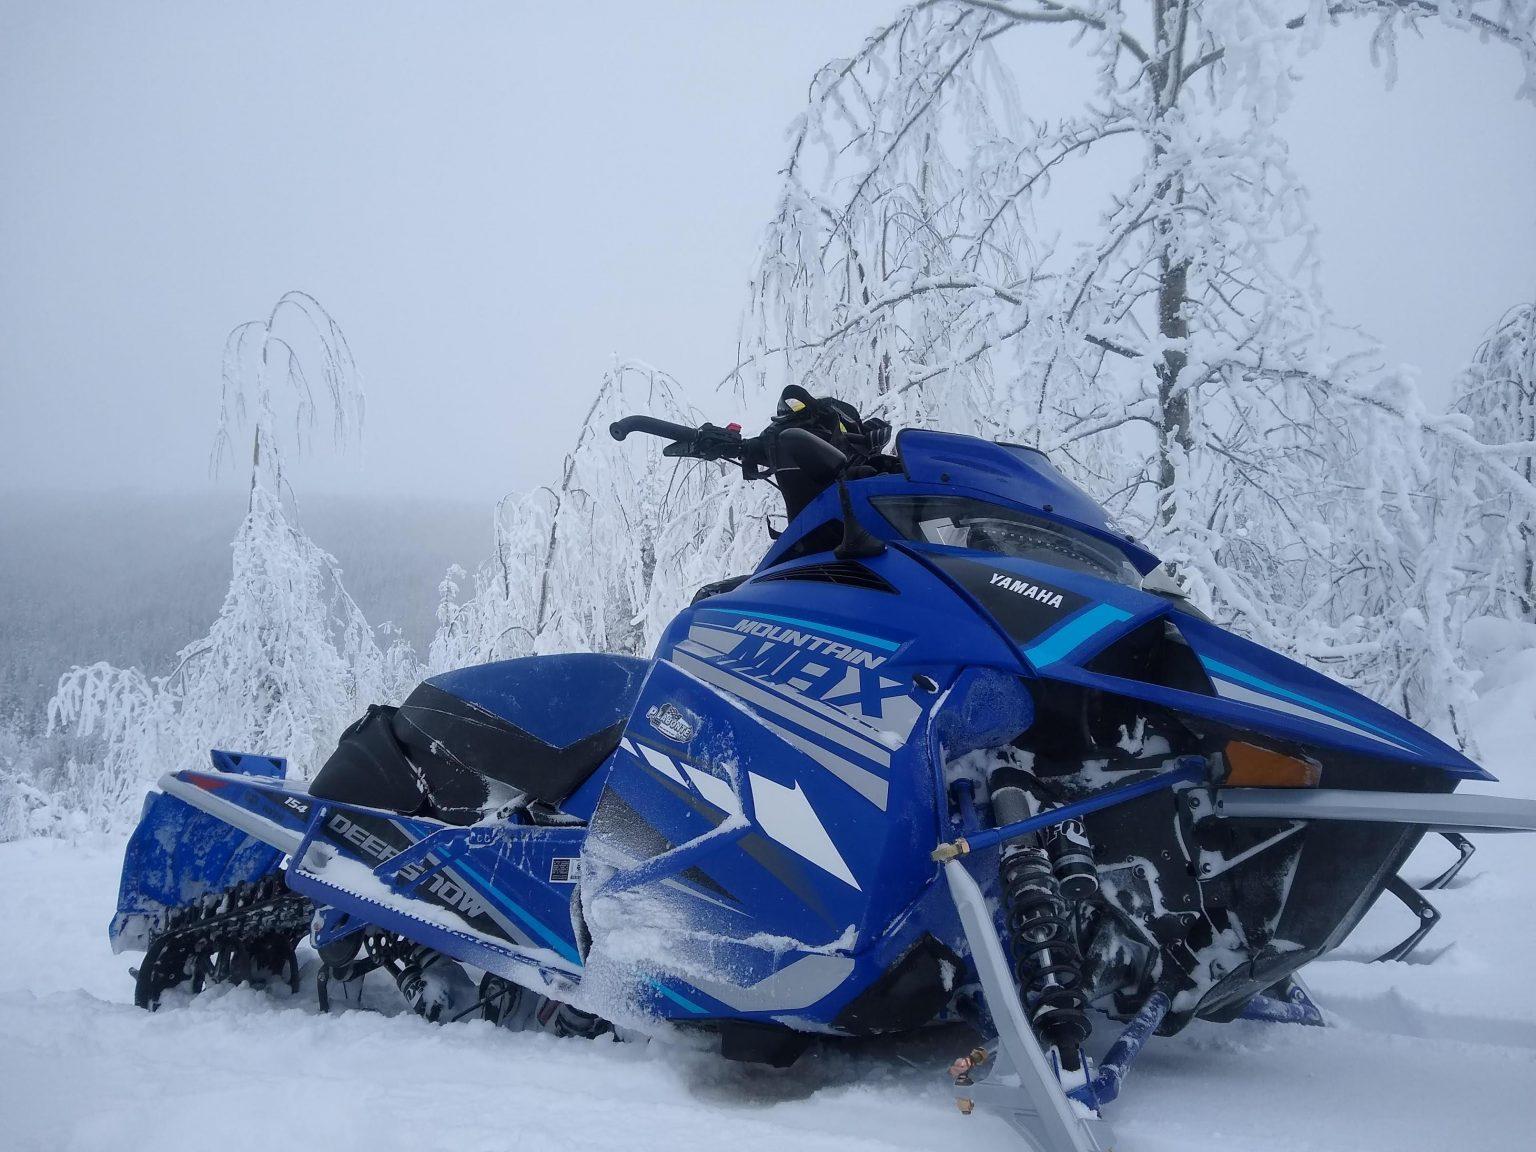 Annonce de l'essai de la Yamaha Mountain Max 2021